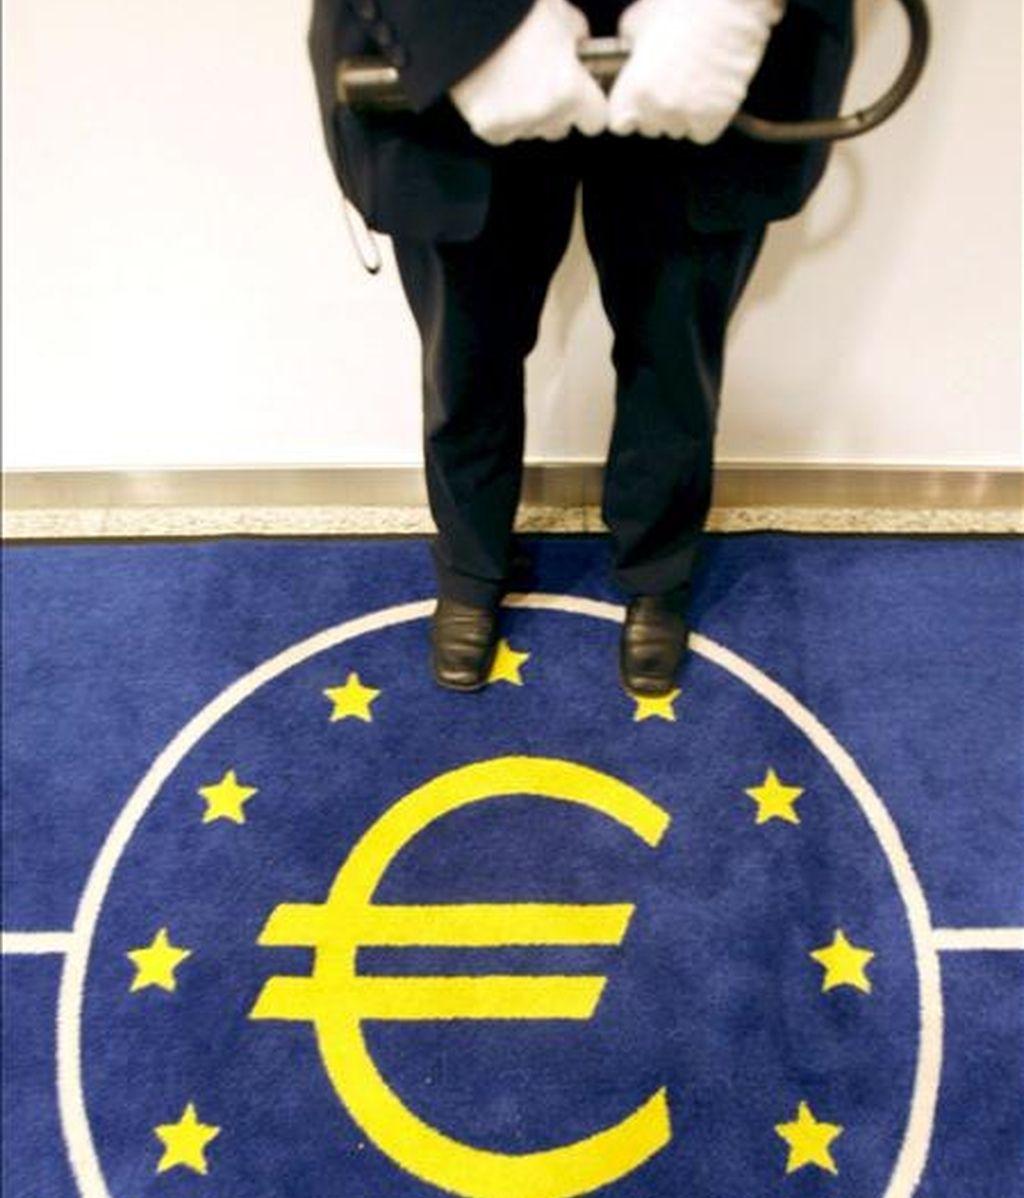 El Banco Central Europeo (BCE) compró deuda pública la semana pasada, por cuarta semana consecutiva, por valor de 1.348 millones de euros (977 millones de dólares). EFE/Archivo